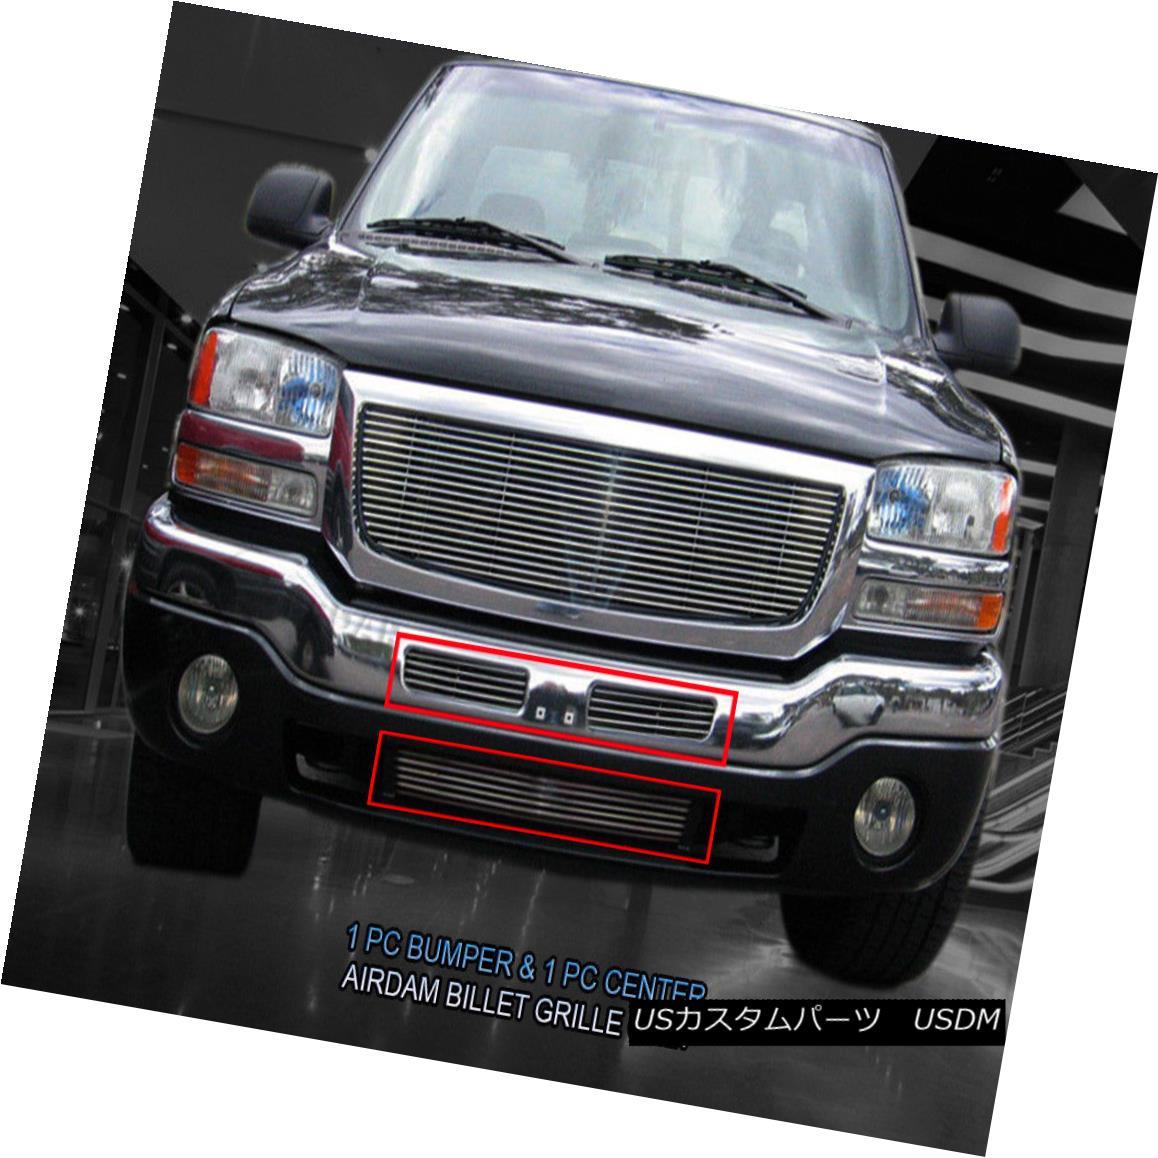 グリル Fits 2003-2007 GMC Sierra EZ Black Billet Grille Grill Bumper 2 Pcs Fedar 2003-2007 GMC Sierra EZ Black Billetグリルグリルバンパー2個入りFedar